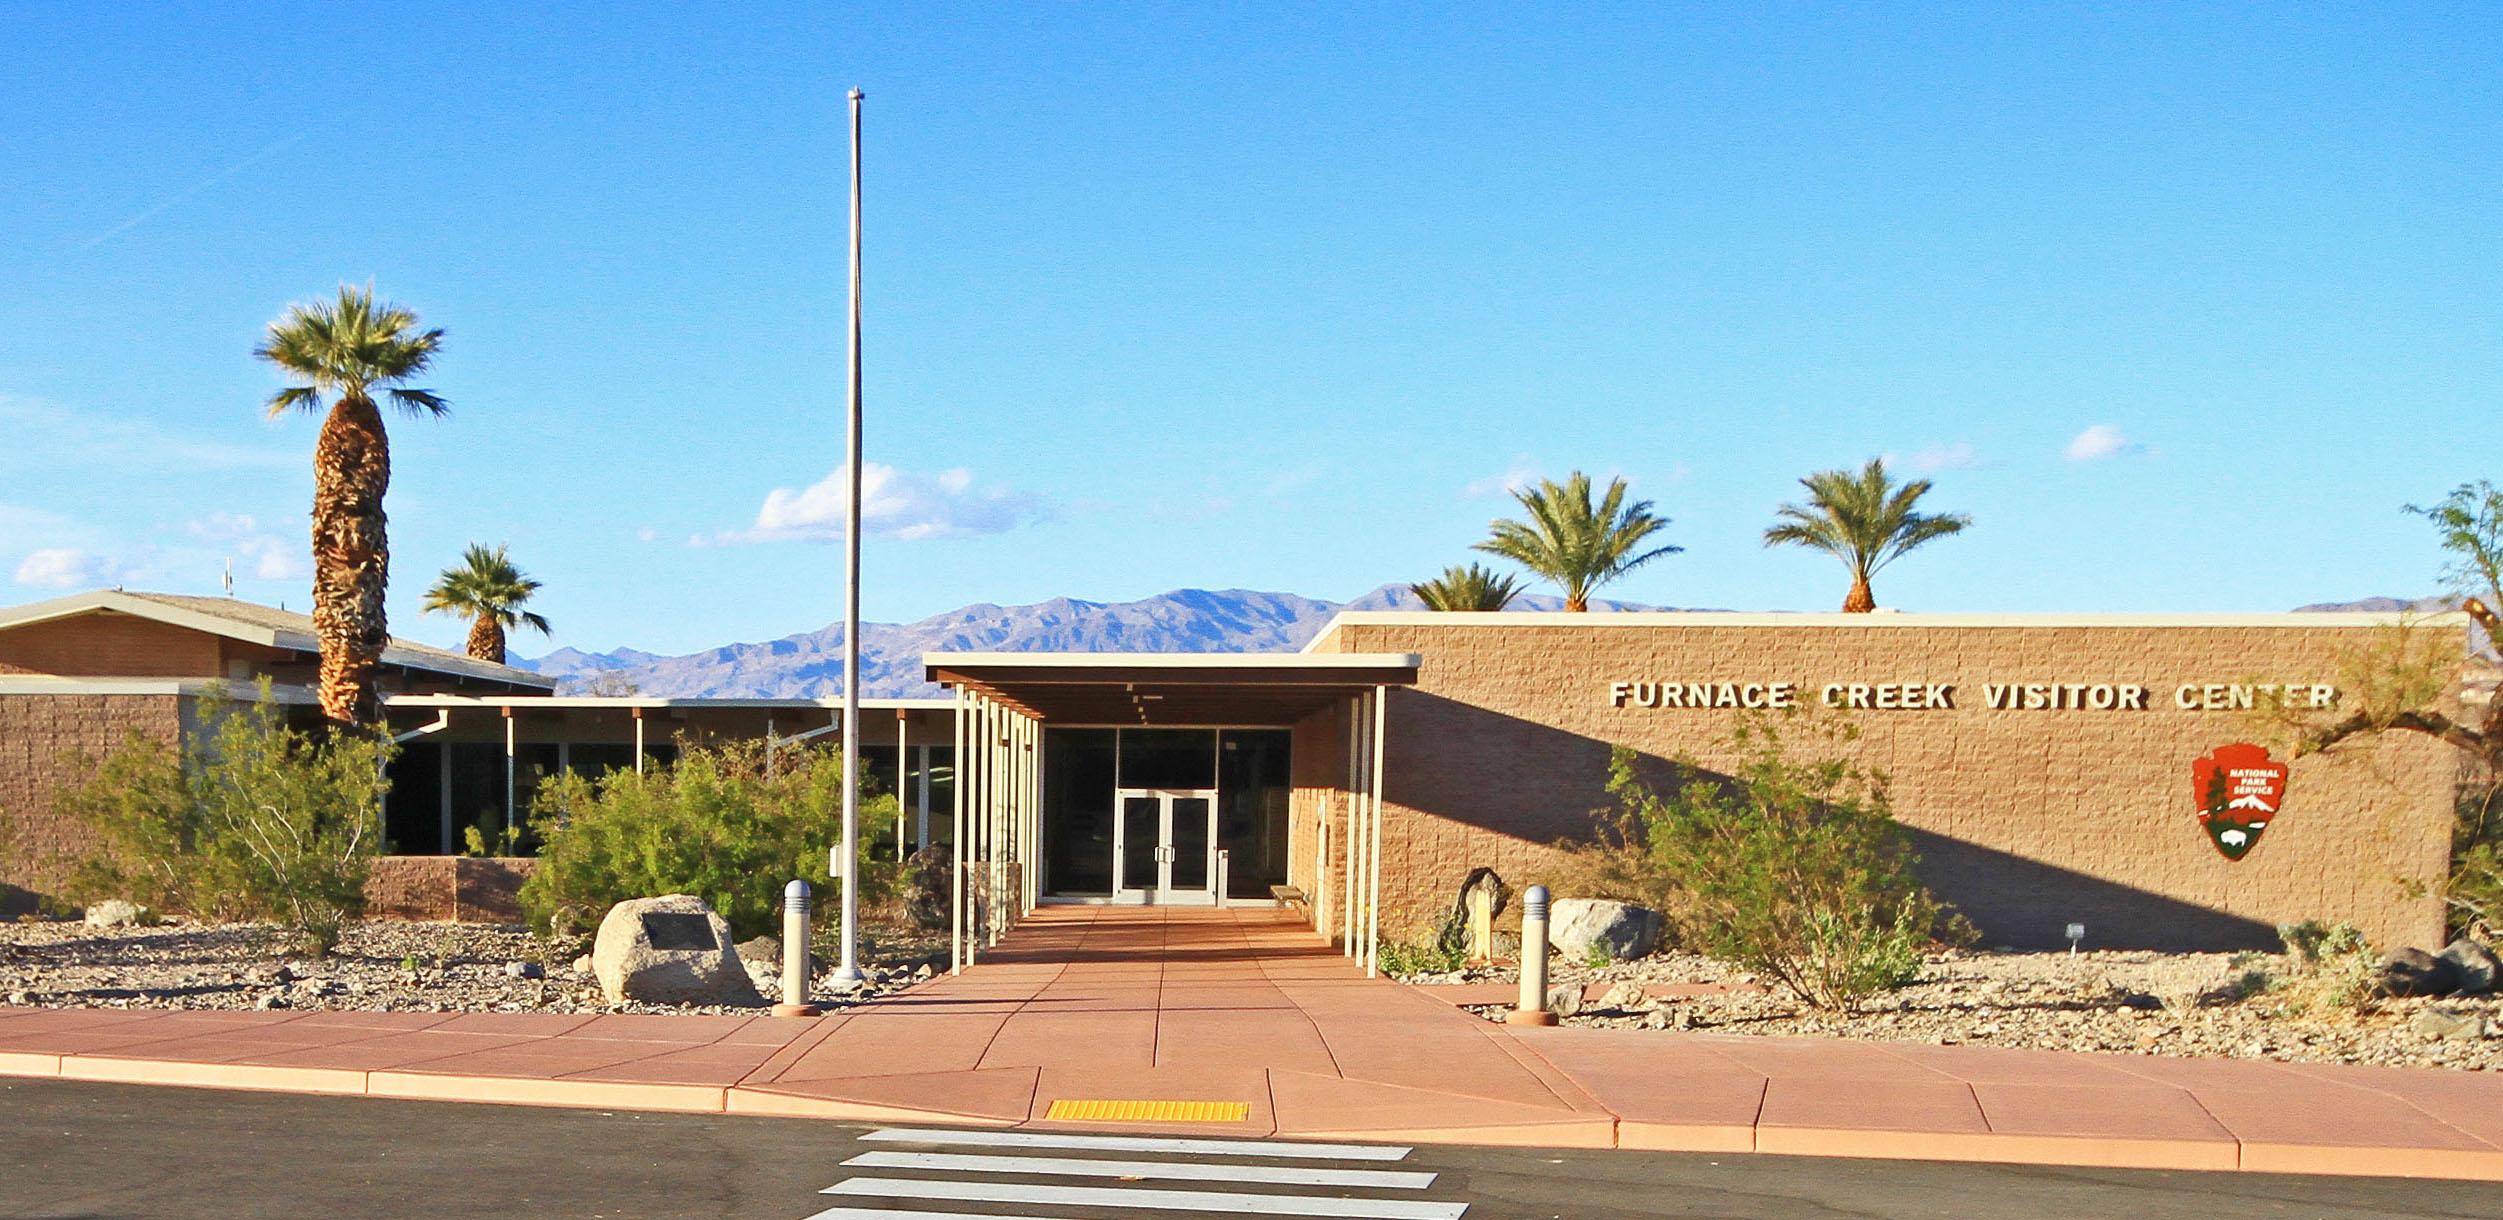 Death Valley National Parks Furnace Creek Visitor Center